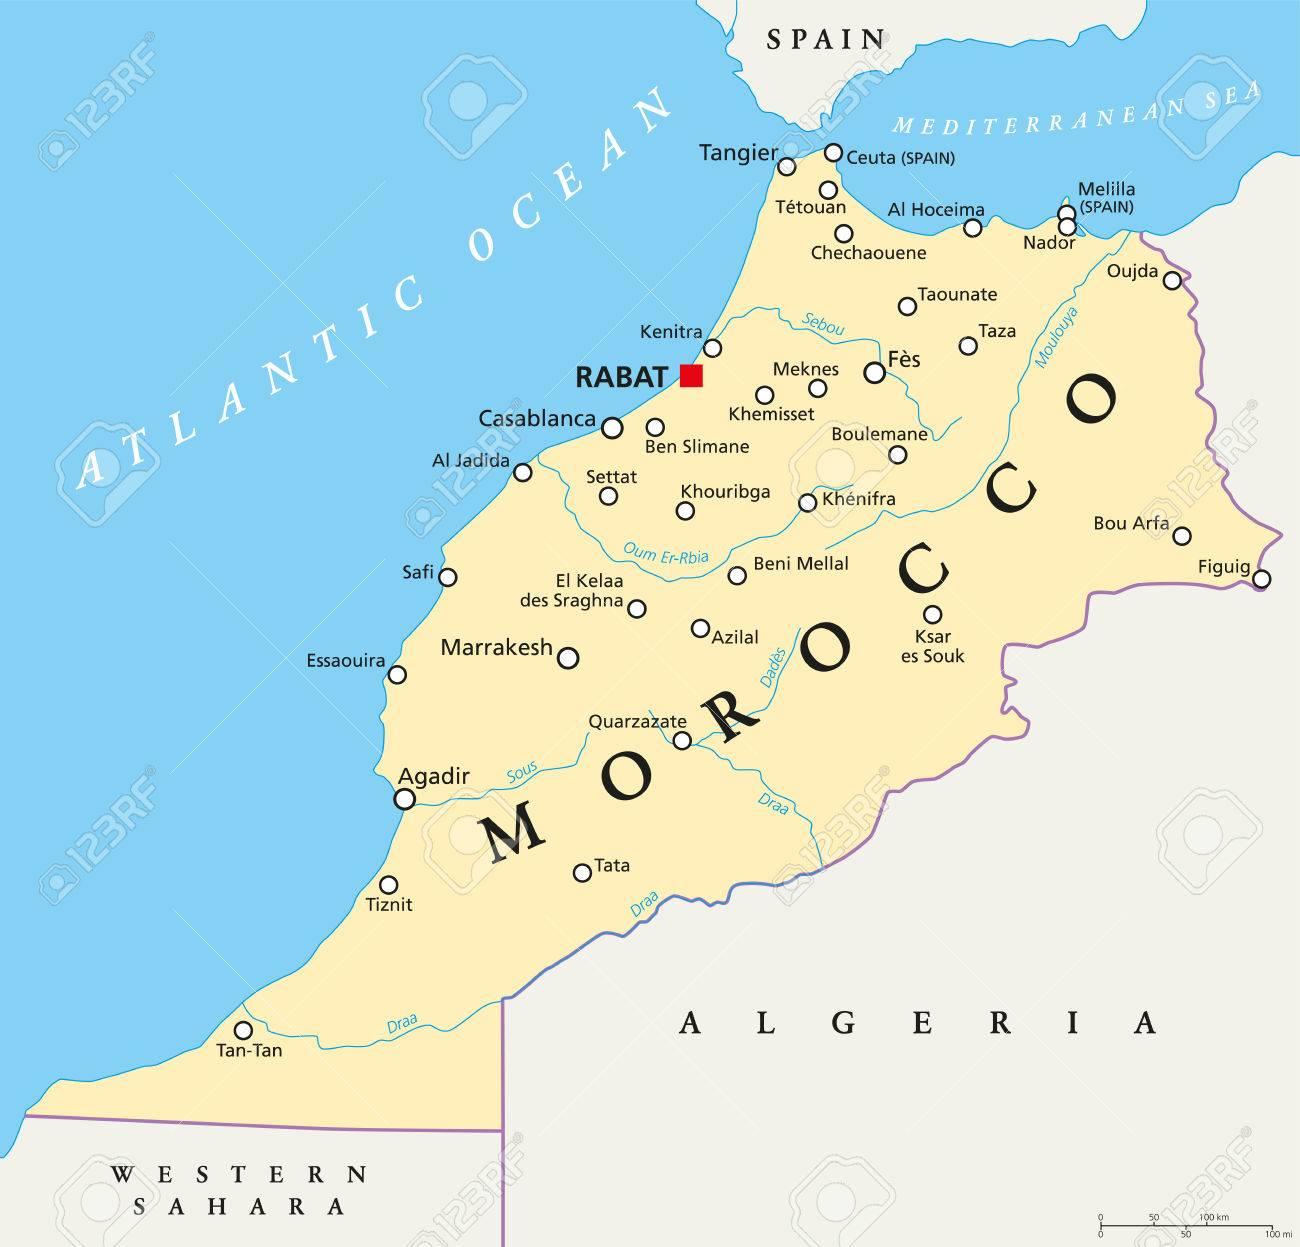 Cartina Marocco.La Mappa Politica Del Marocco Con Capitale Rabat I Confini Nazionali Importanti Citta E Fiumi Illustrazione Con Etichettatura Inglese E